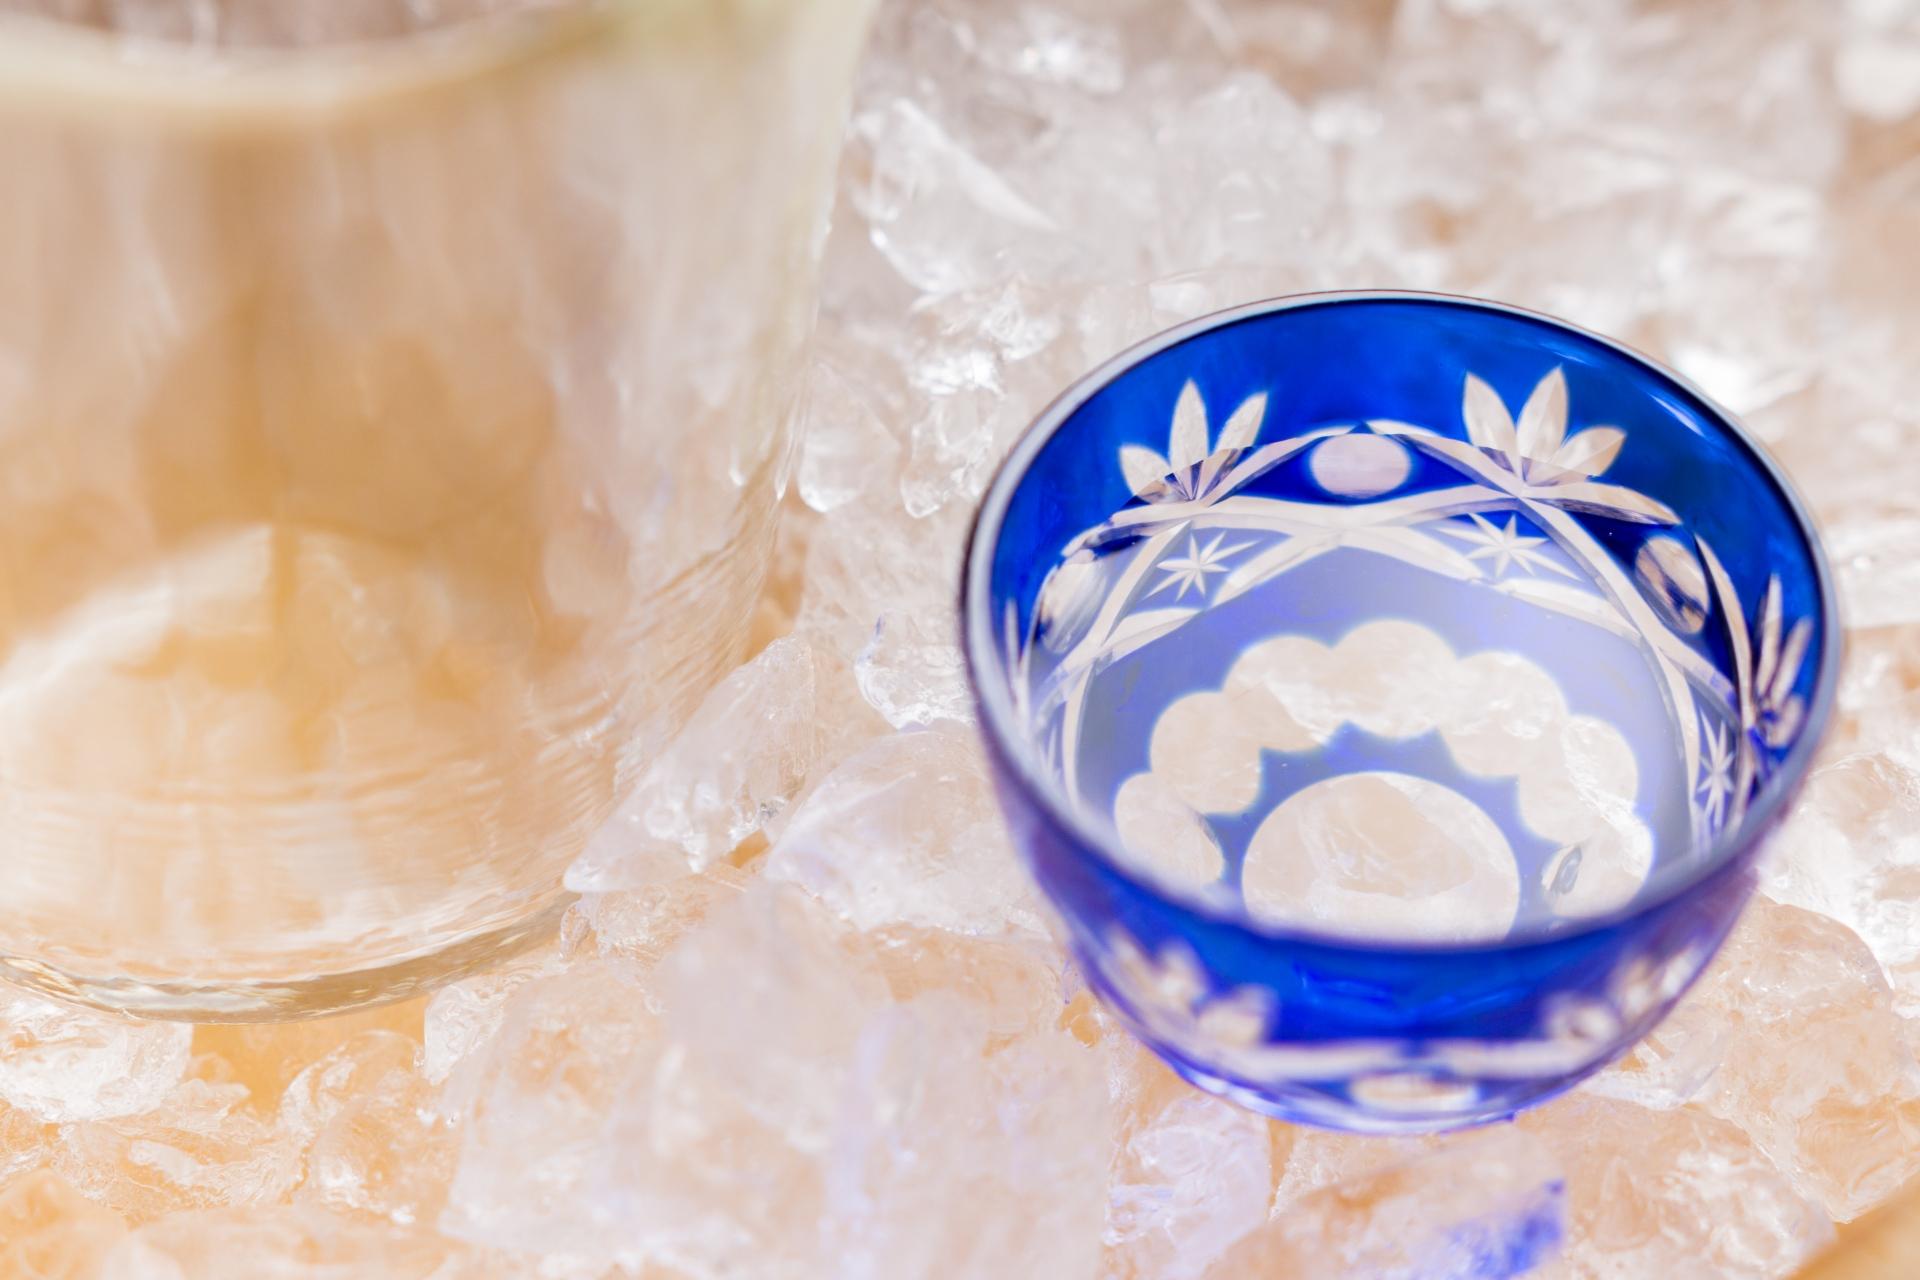 飲みやすい日本酒ランキング!フルーティーで甘口な女性に人気の種類もあり!